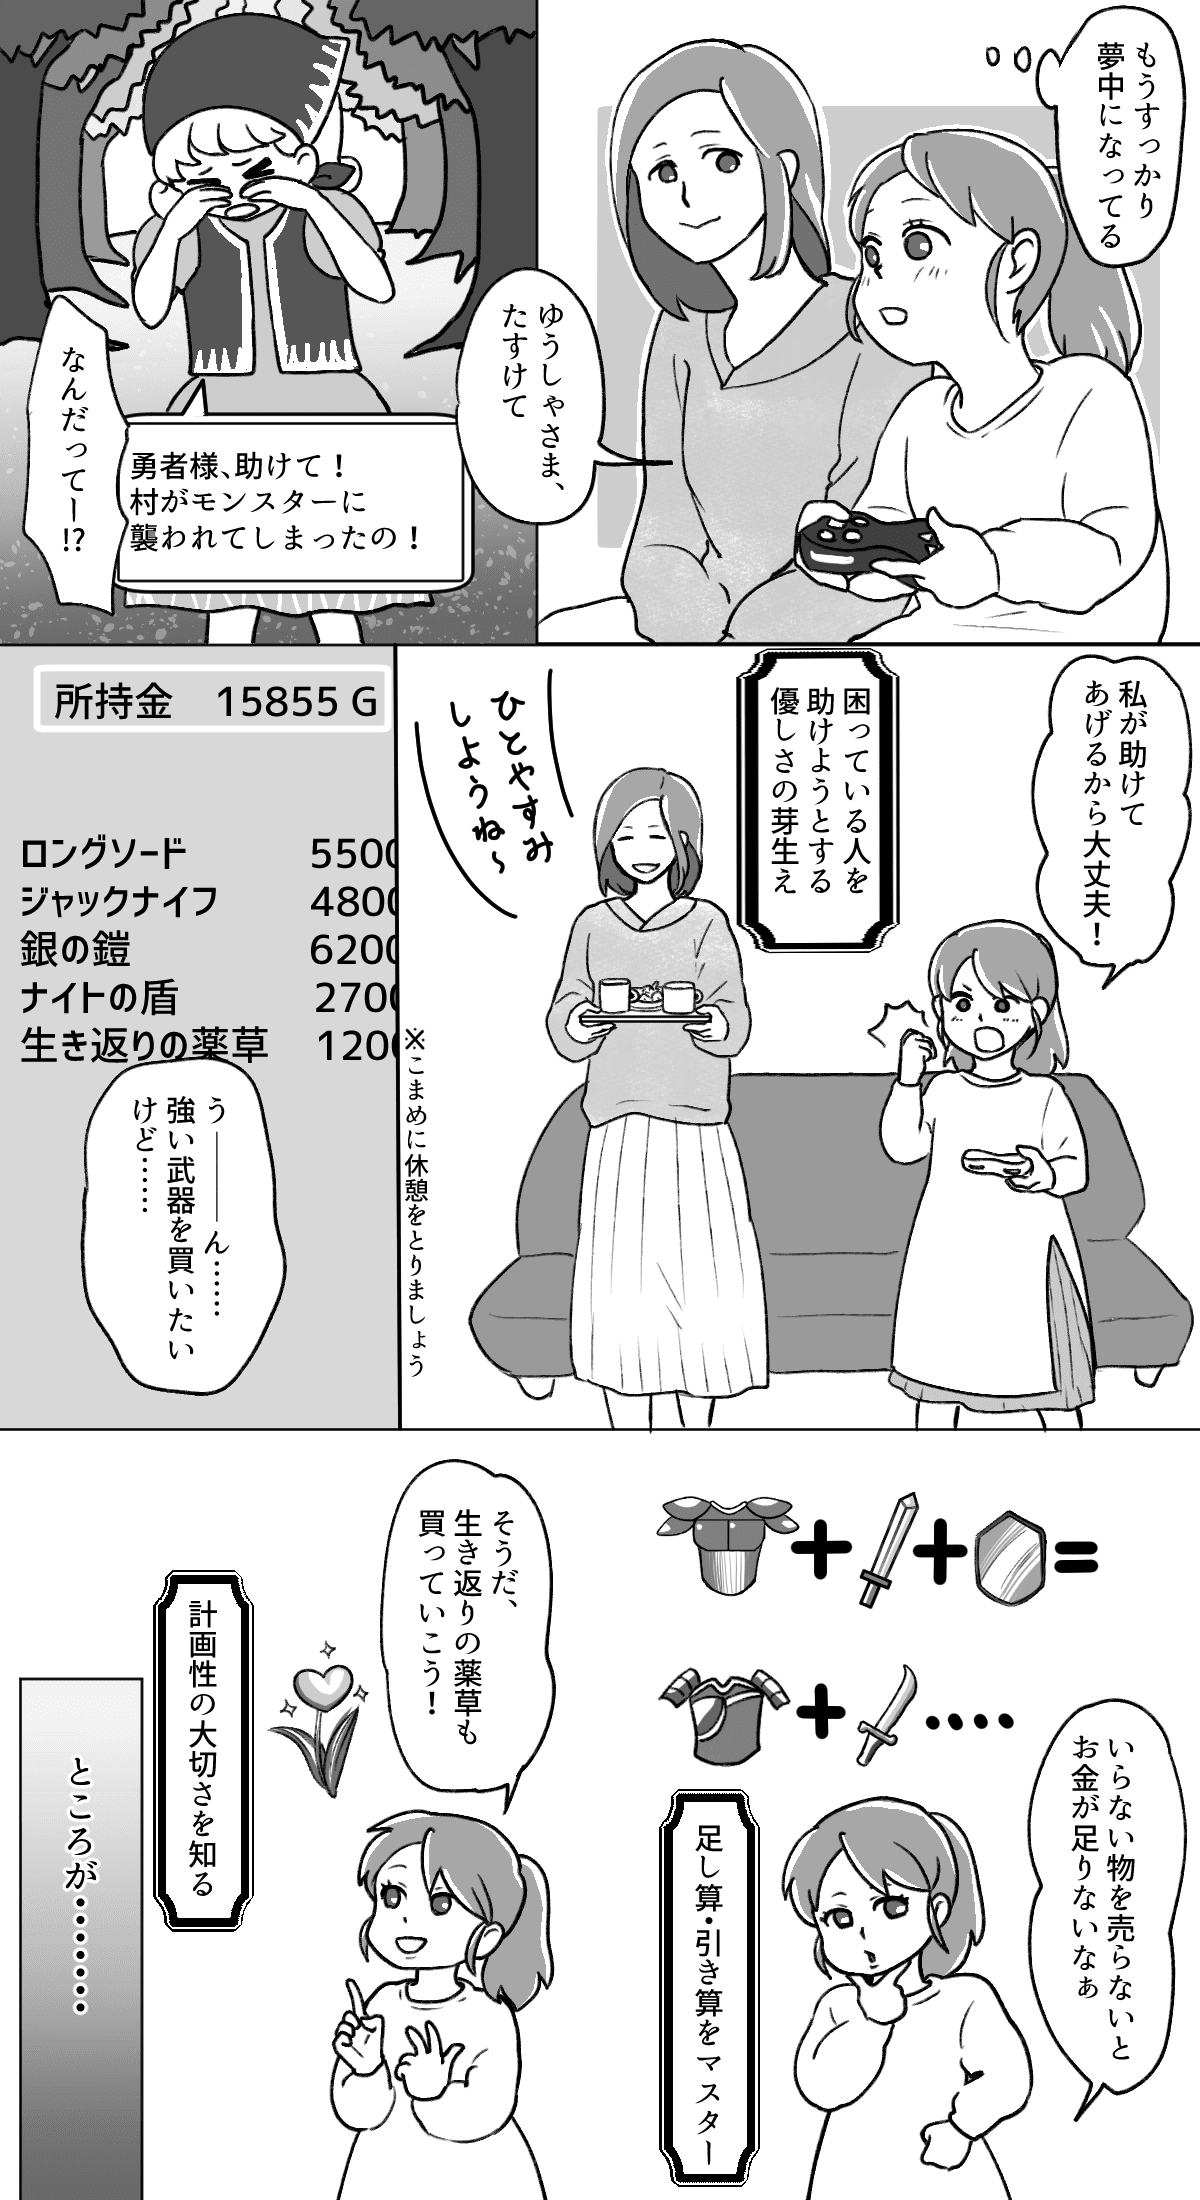 ゲームをしよう!3